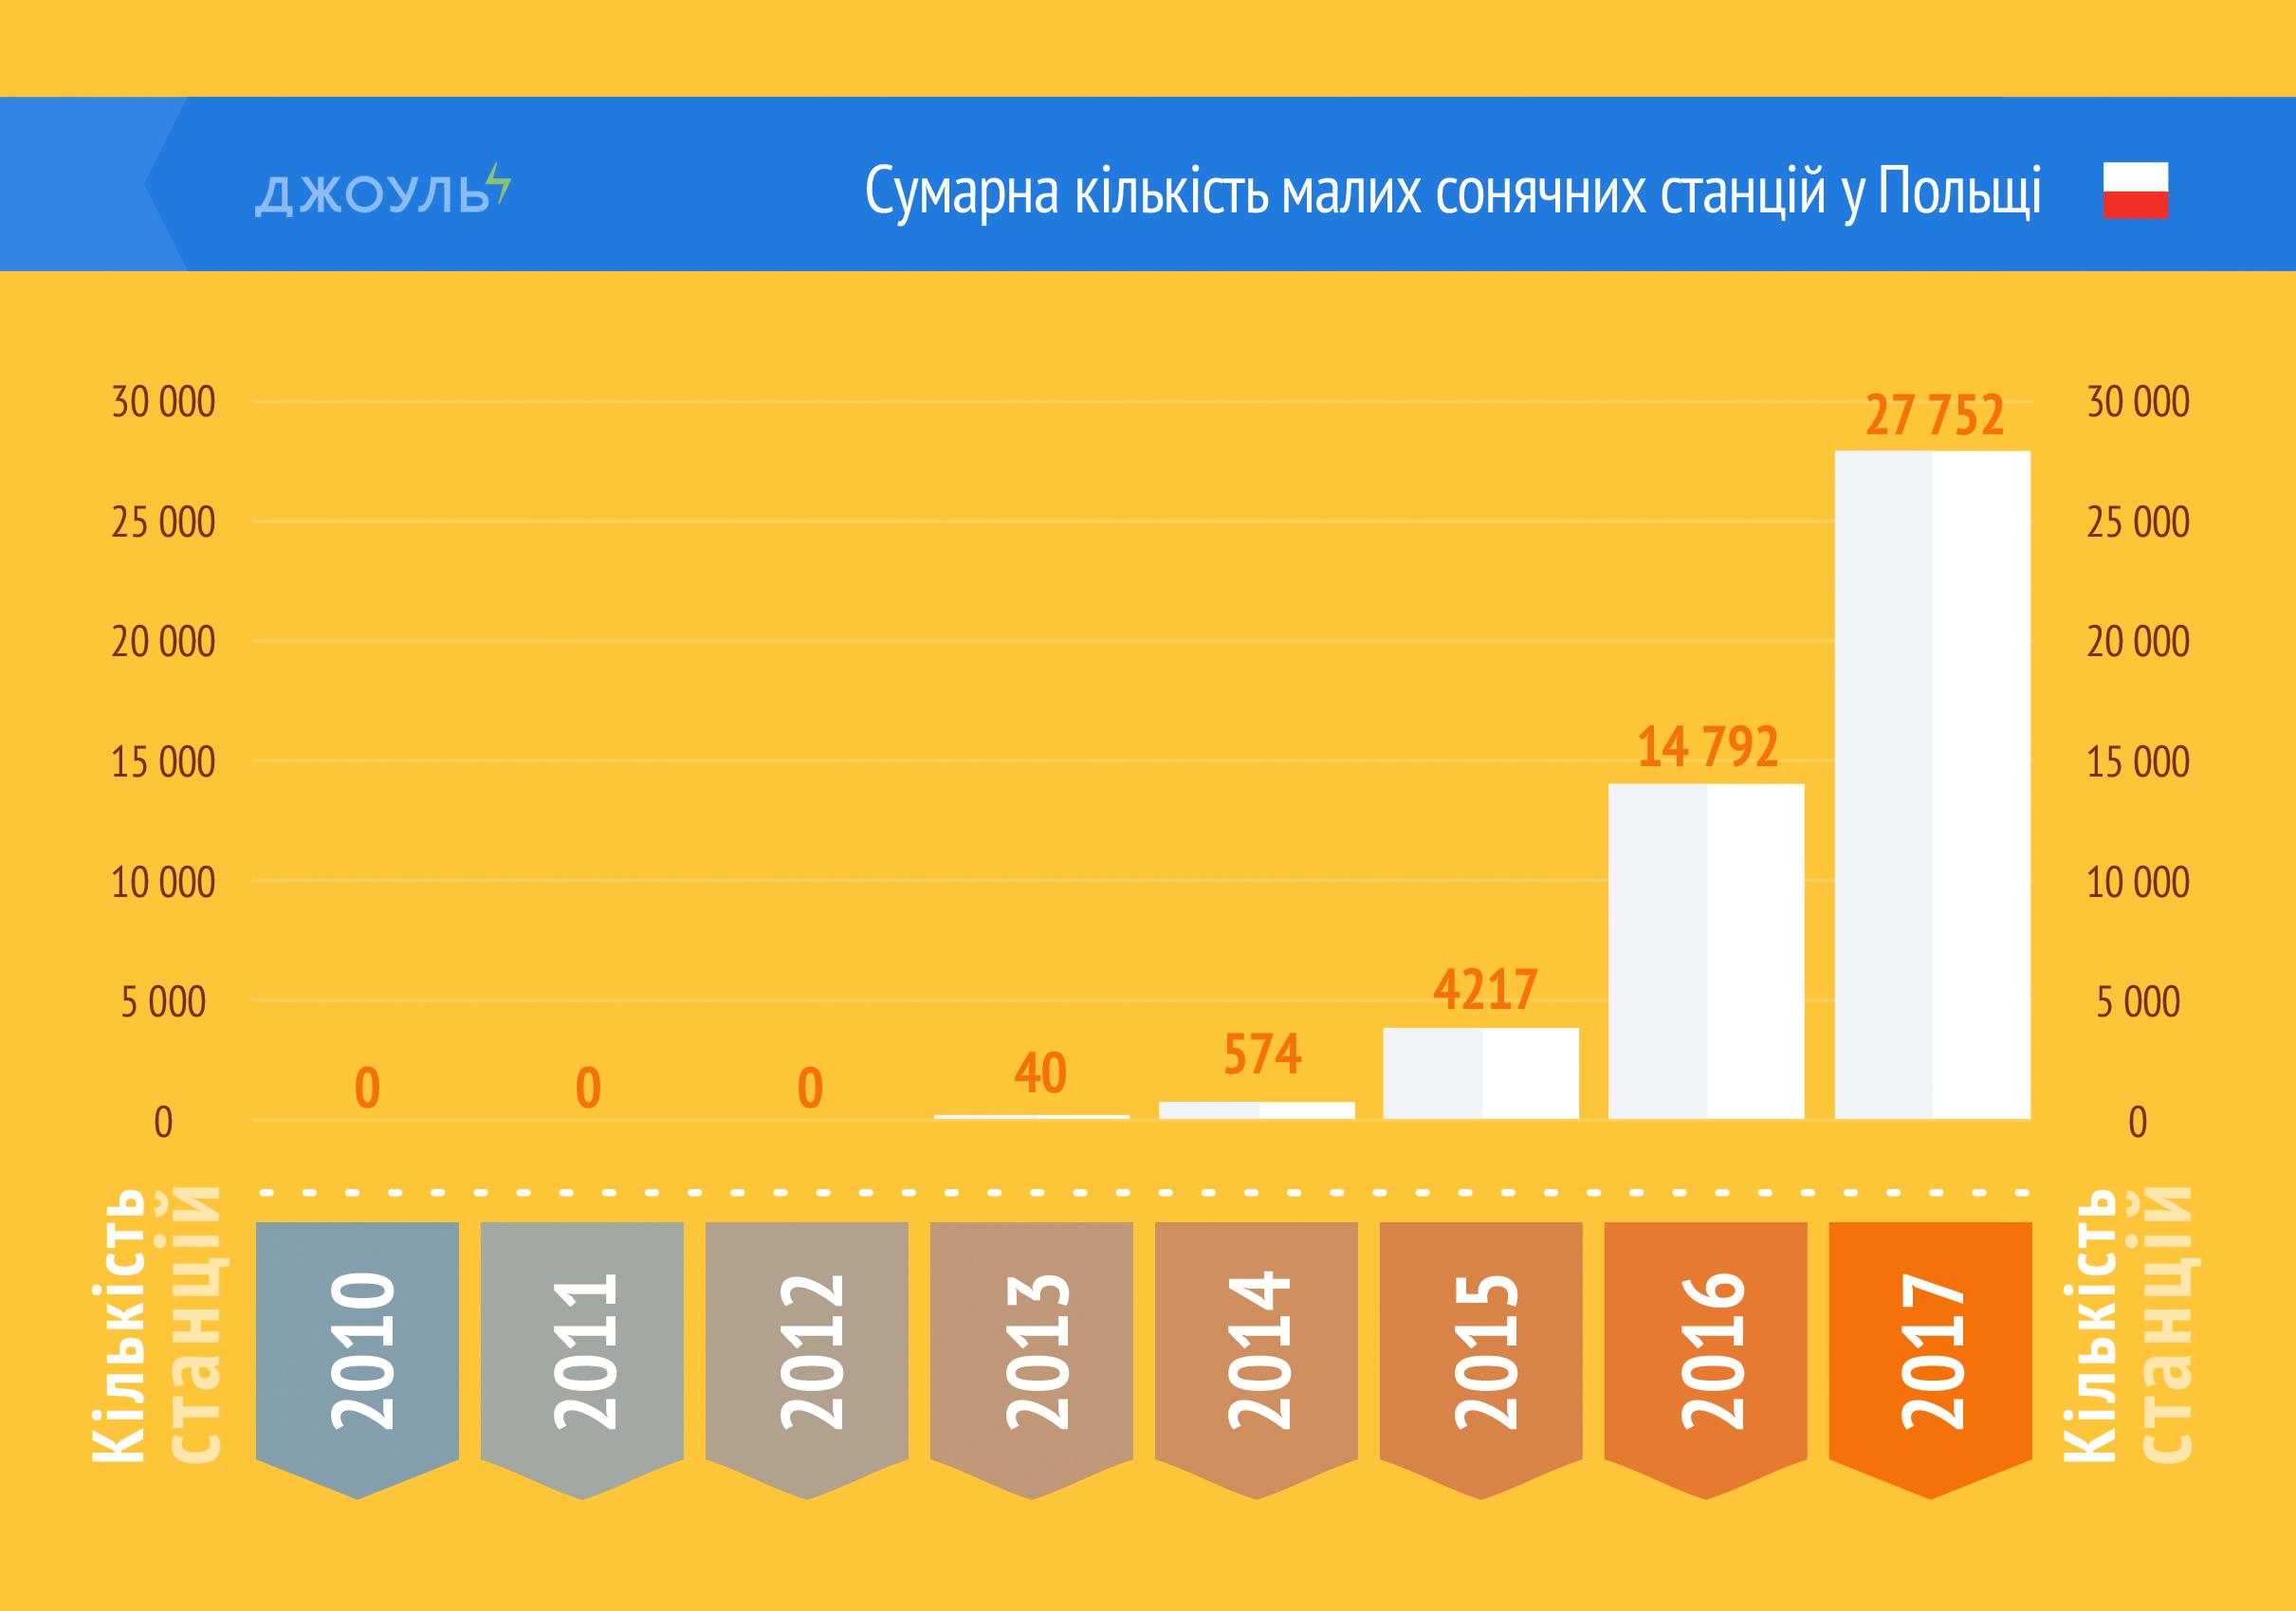 Сумарна кількість малих сонячних станцій у Польщі